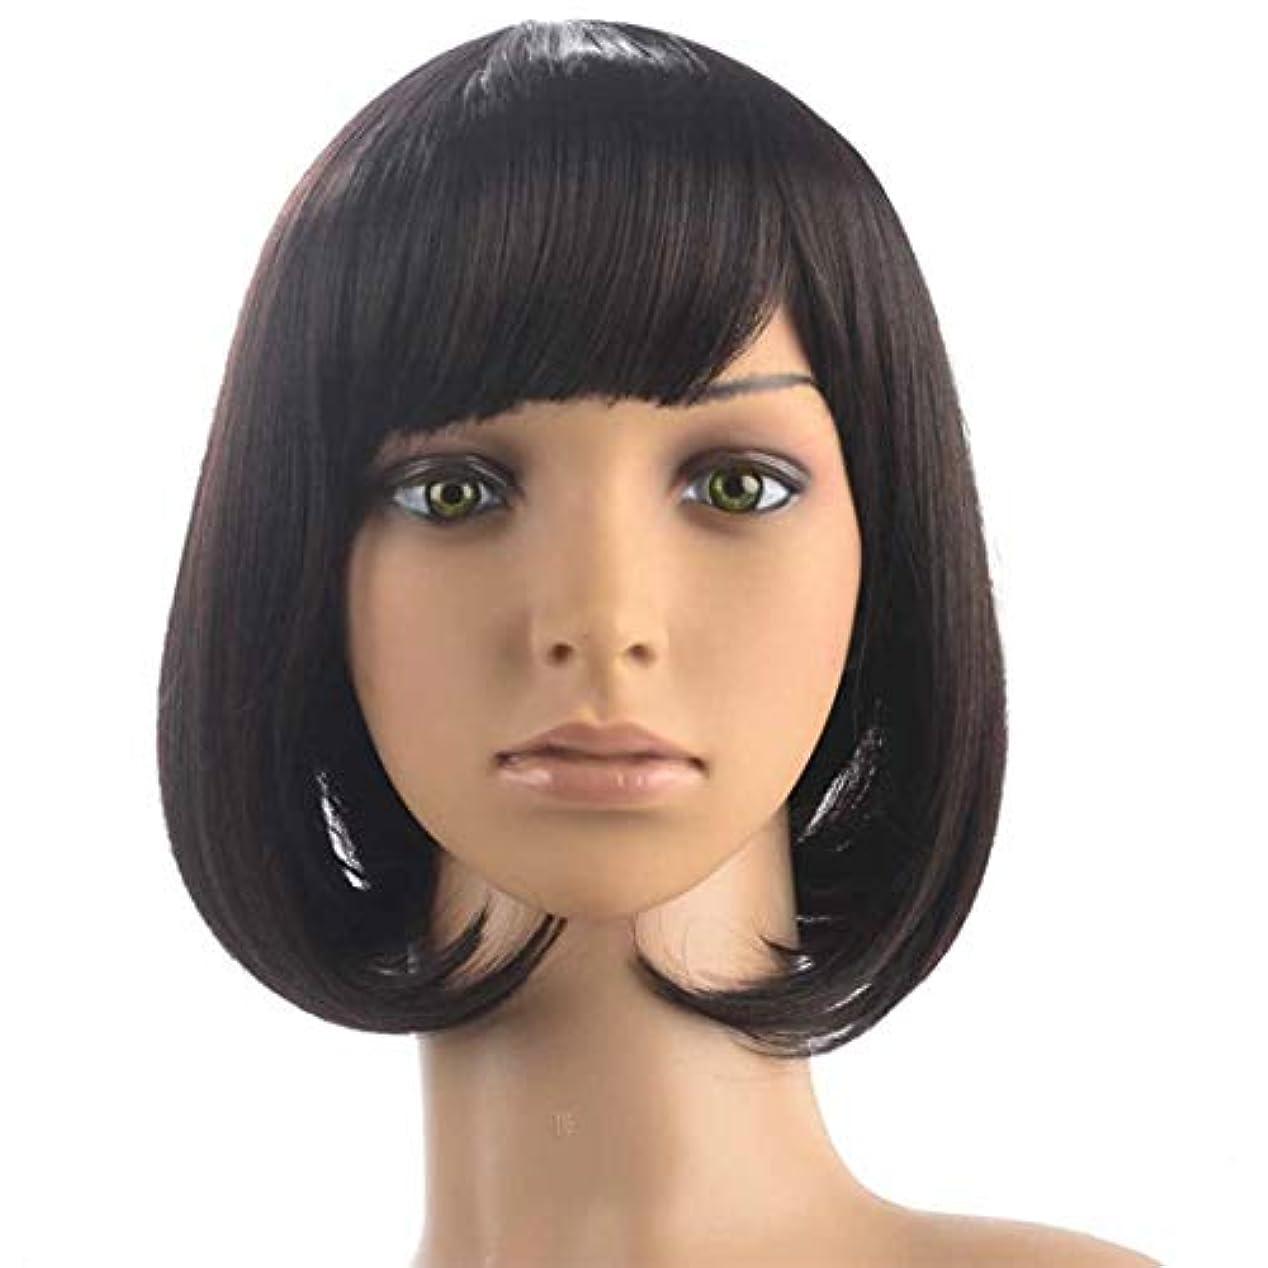 繊細誤解するスラダムYOUQIU マイクロボリュームショートヘアかわいいスタイリングヨーロッパやアメリカのウィッグピュアブラックコスプレウィッグウィッグ (色 : 黒)